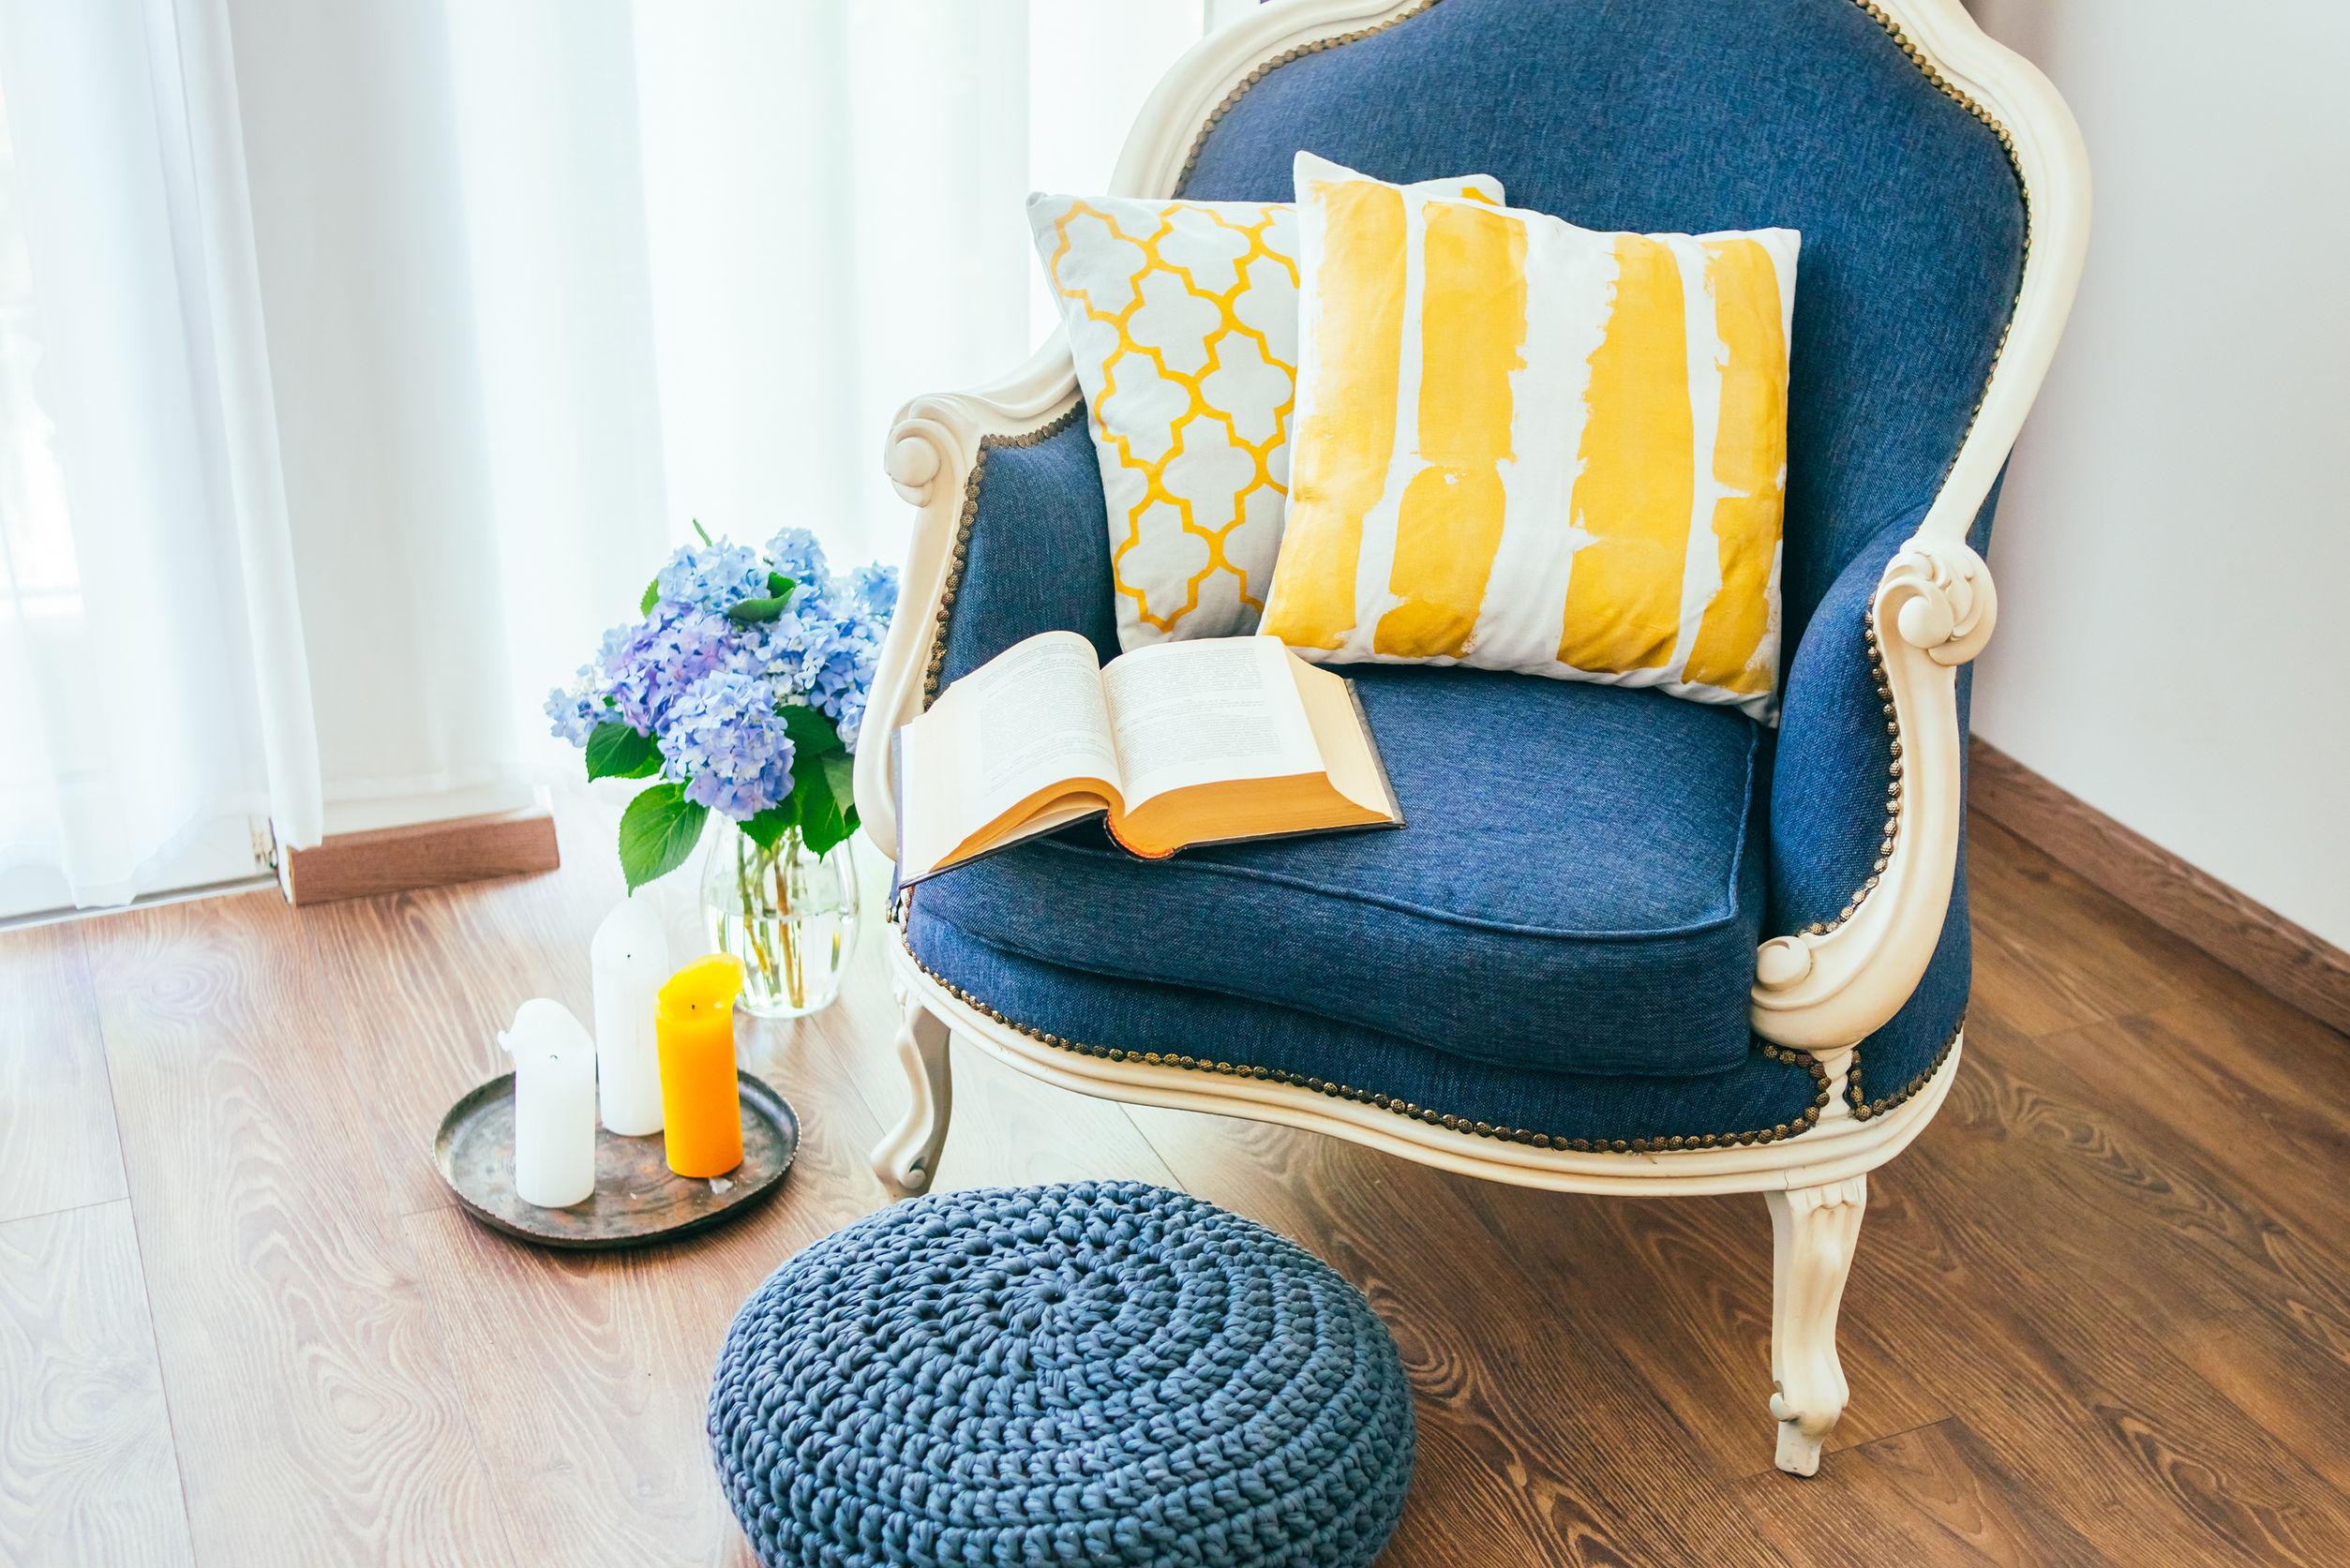 fauteuil classic blue, coussins jaunes